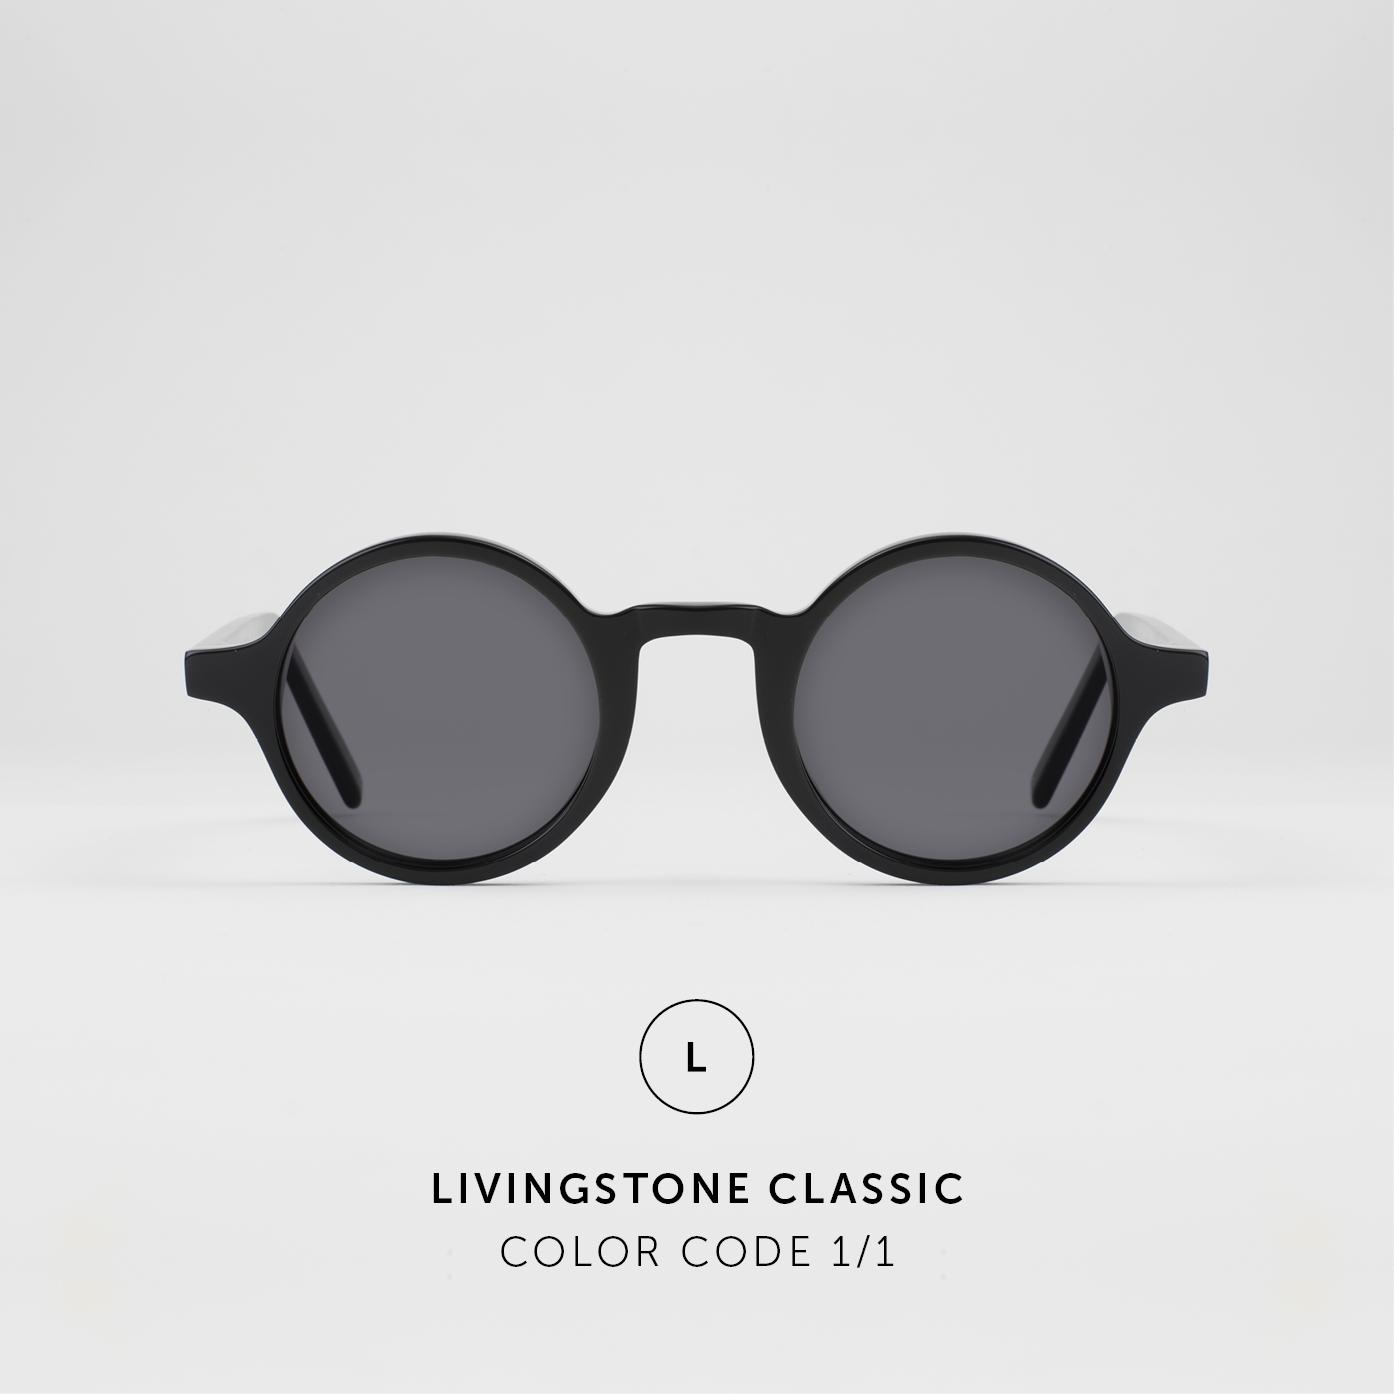 LivingstoneClassic2.jpg